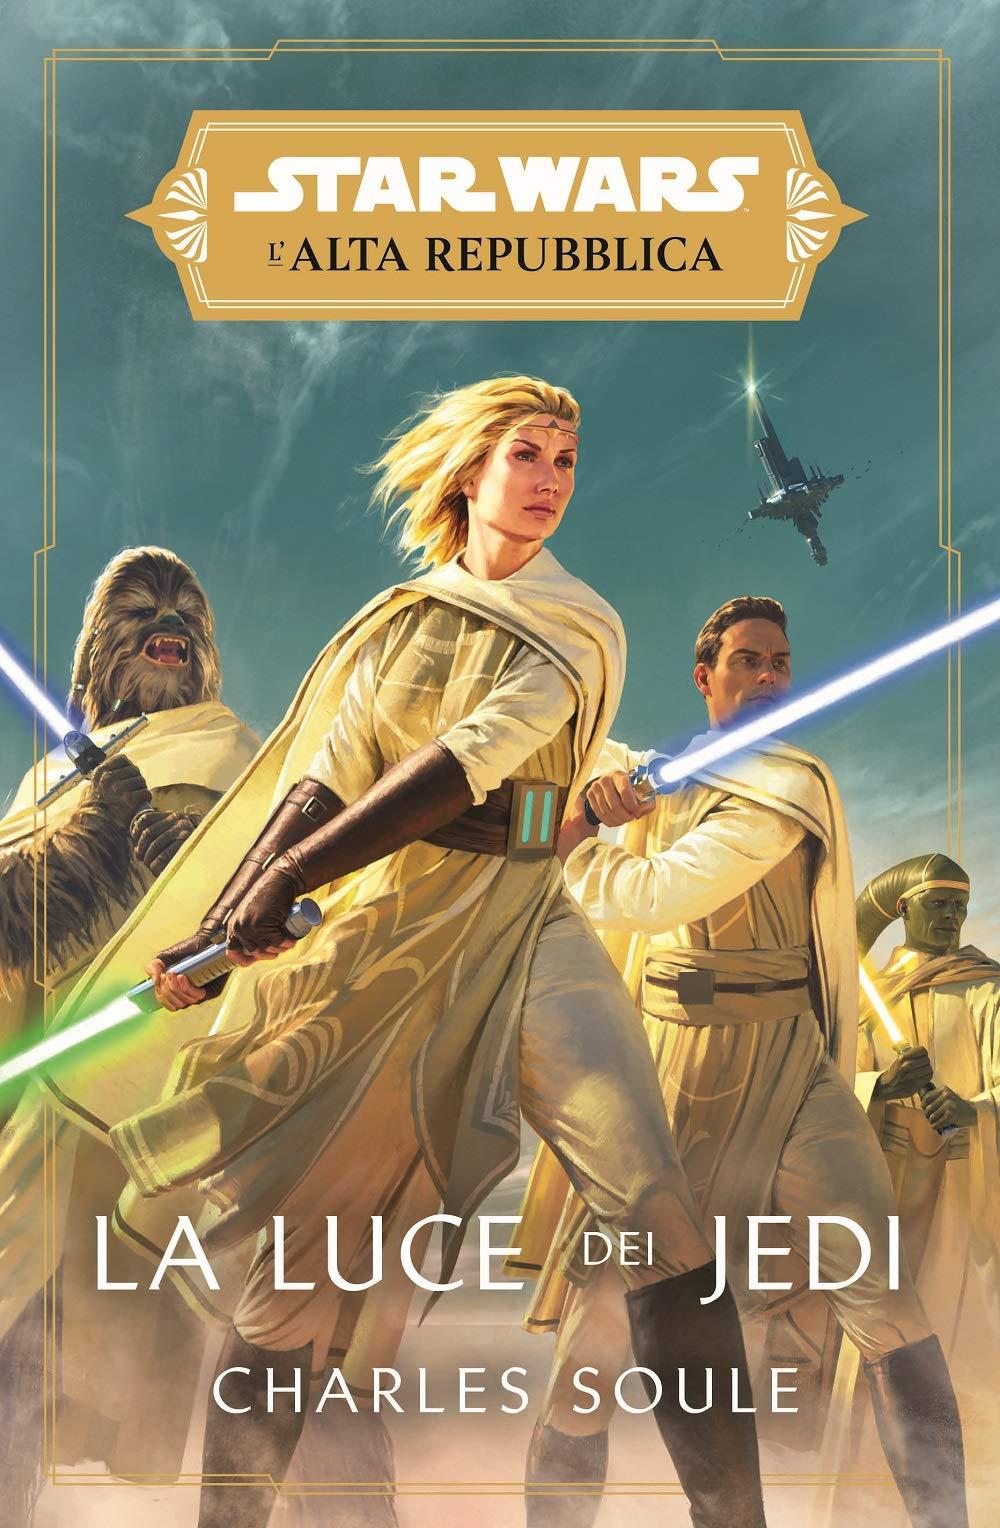 La luce dei jedi. L'Alta Repubblica. Star Wars : Soule, Charles: Amazon.it:  Libri